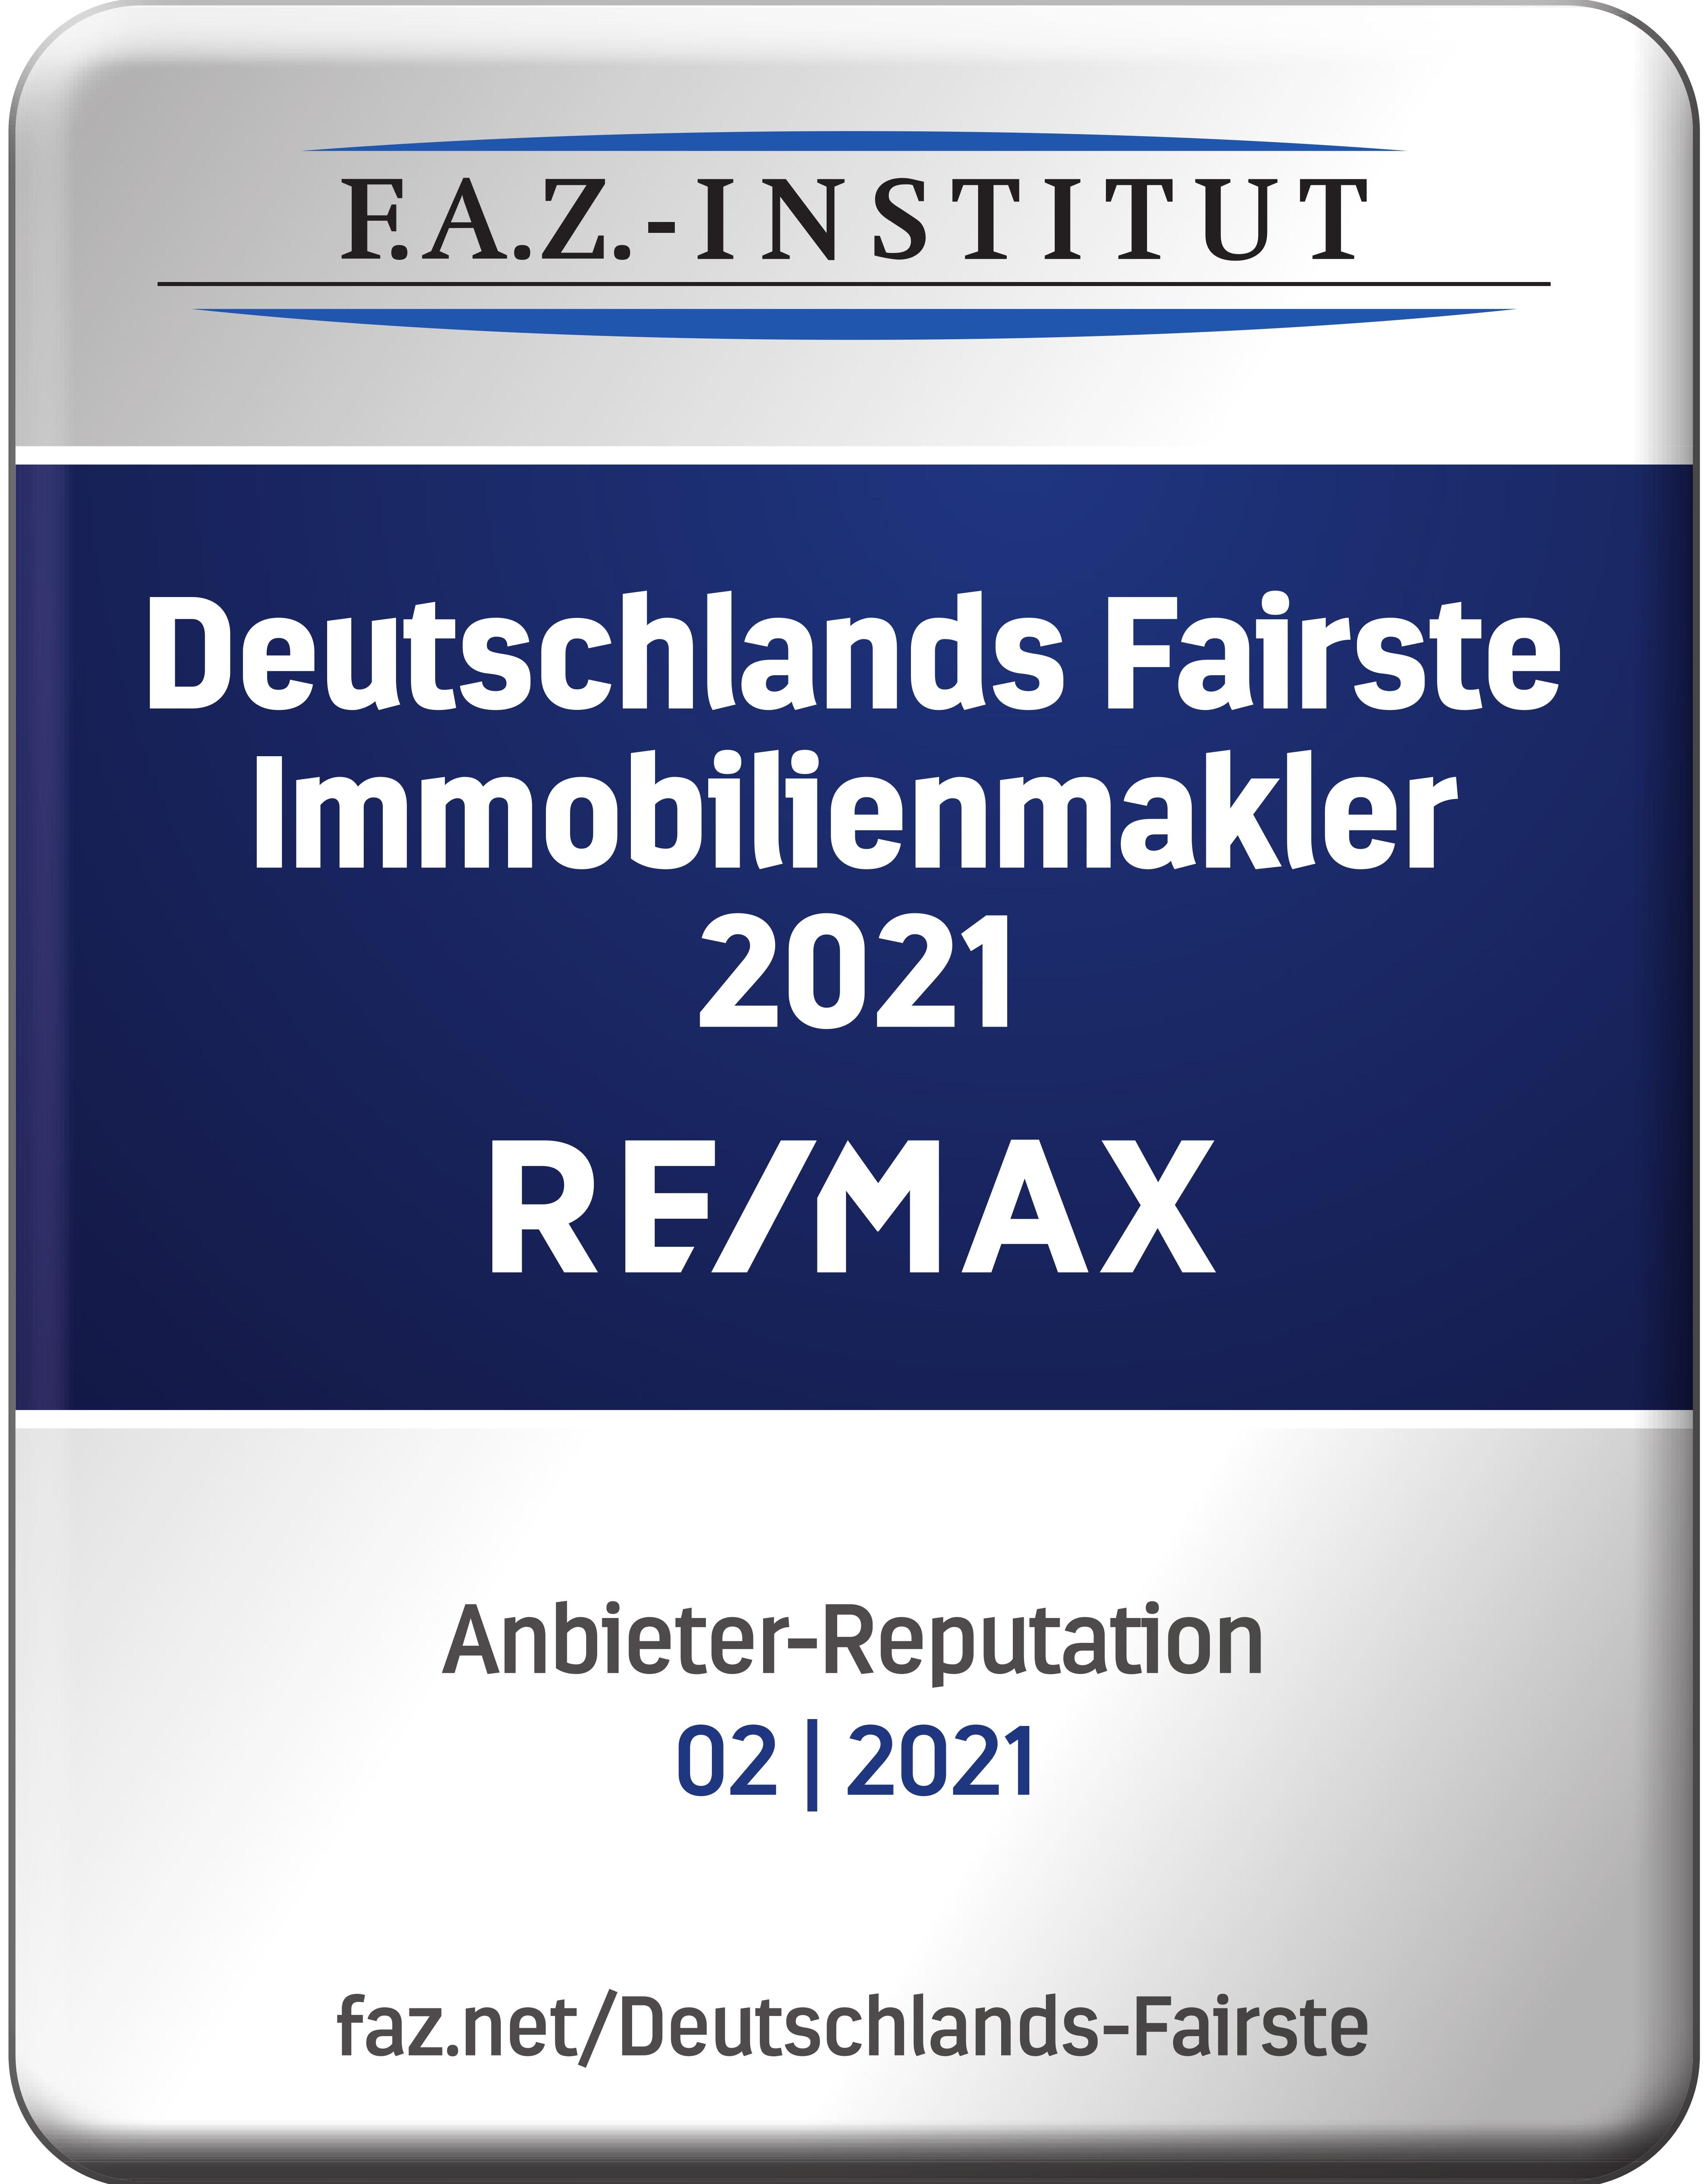 IMWF-FAZ-Institut-Siegel-Deutschlands-Fairste-Imobilienmaker-2021-ReMax-II-print-DINA4-001.jpg